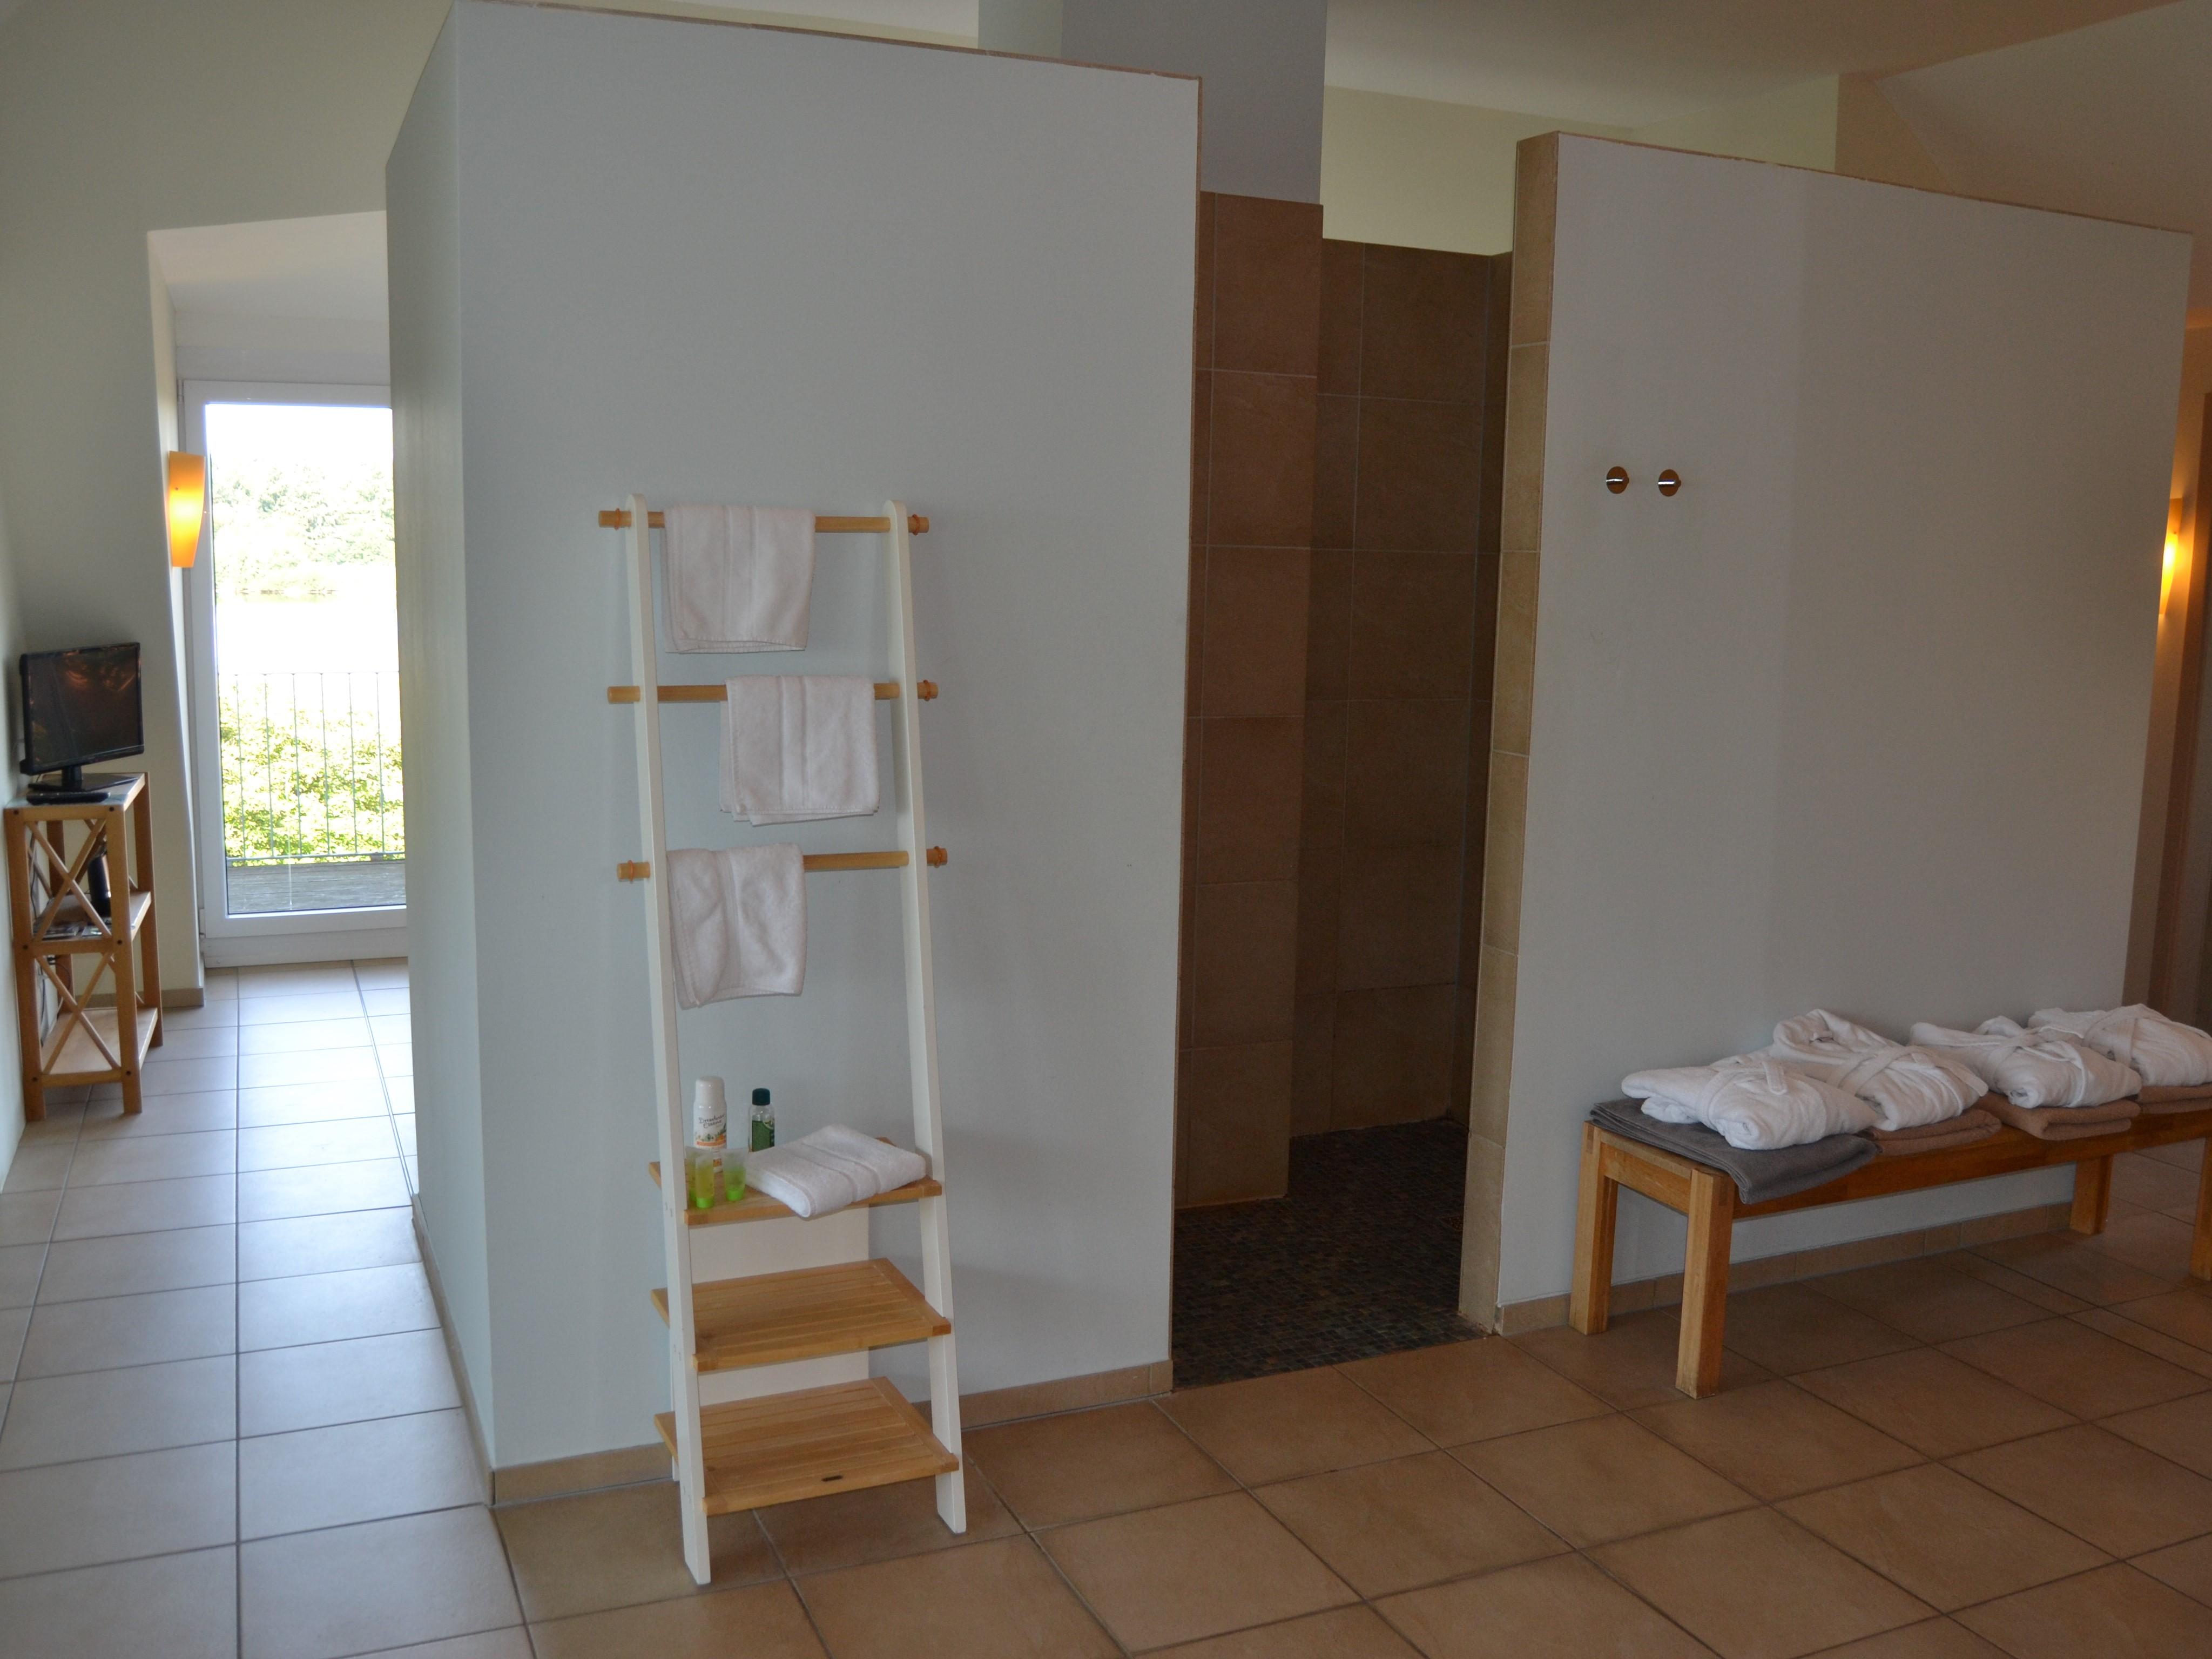 Duschbereich und freie Saunahandtücher + Bademäntel